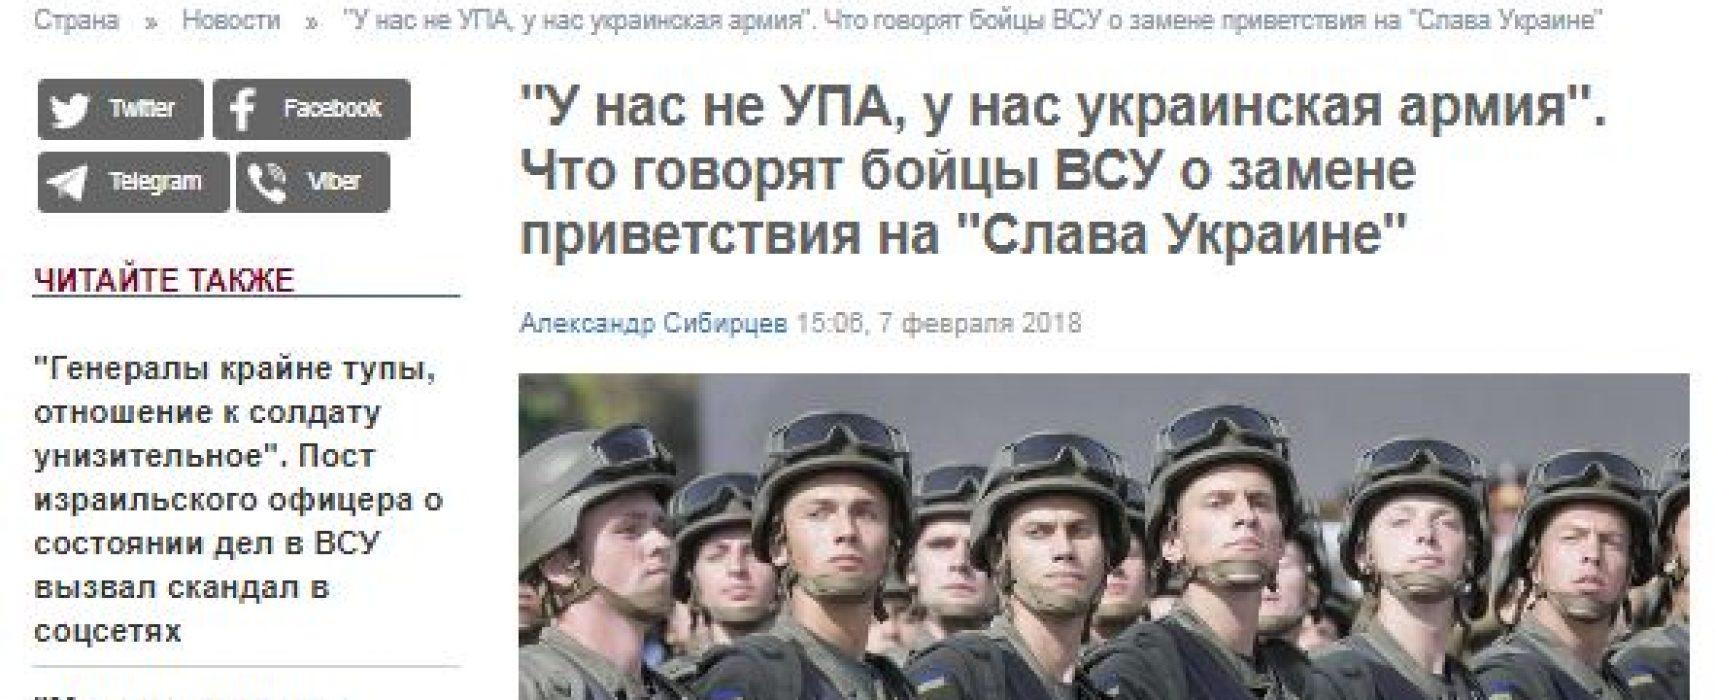 """Фейк: Українські солдати відмовилися від вітання """"Слава Україні!"""""""